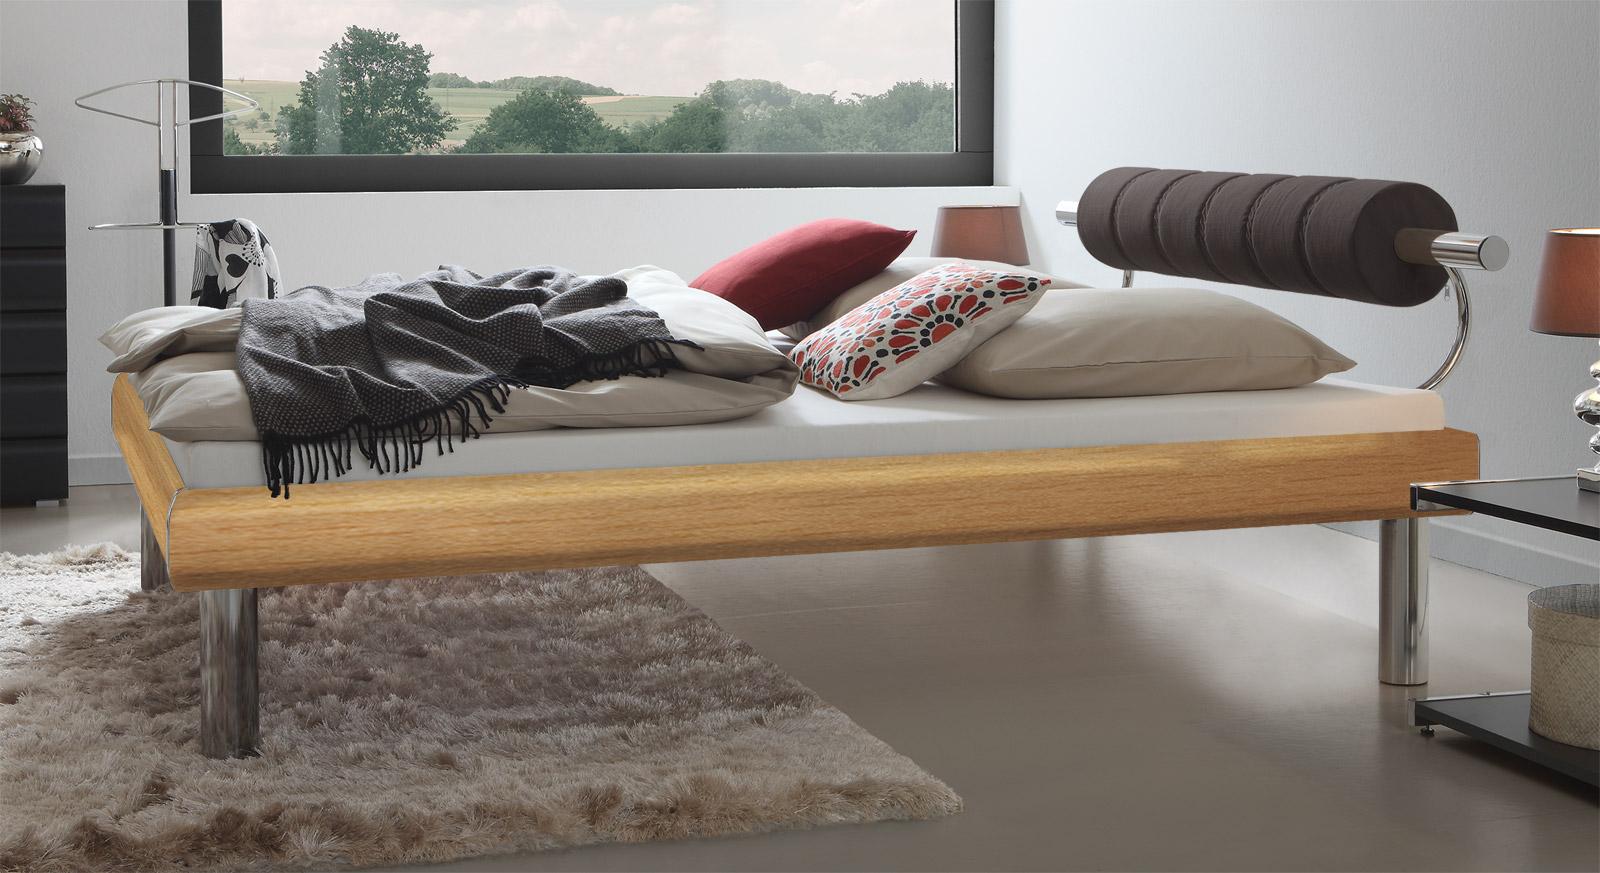 Stabile 30cm hohe Bettbeine von Designerbett Rocio in Buche